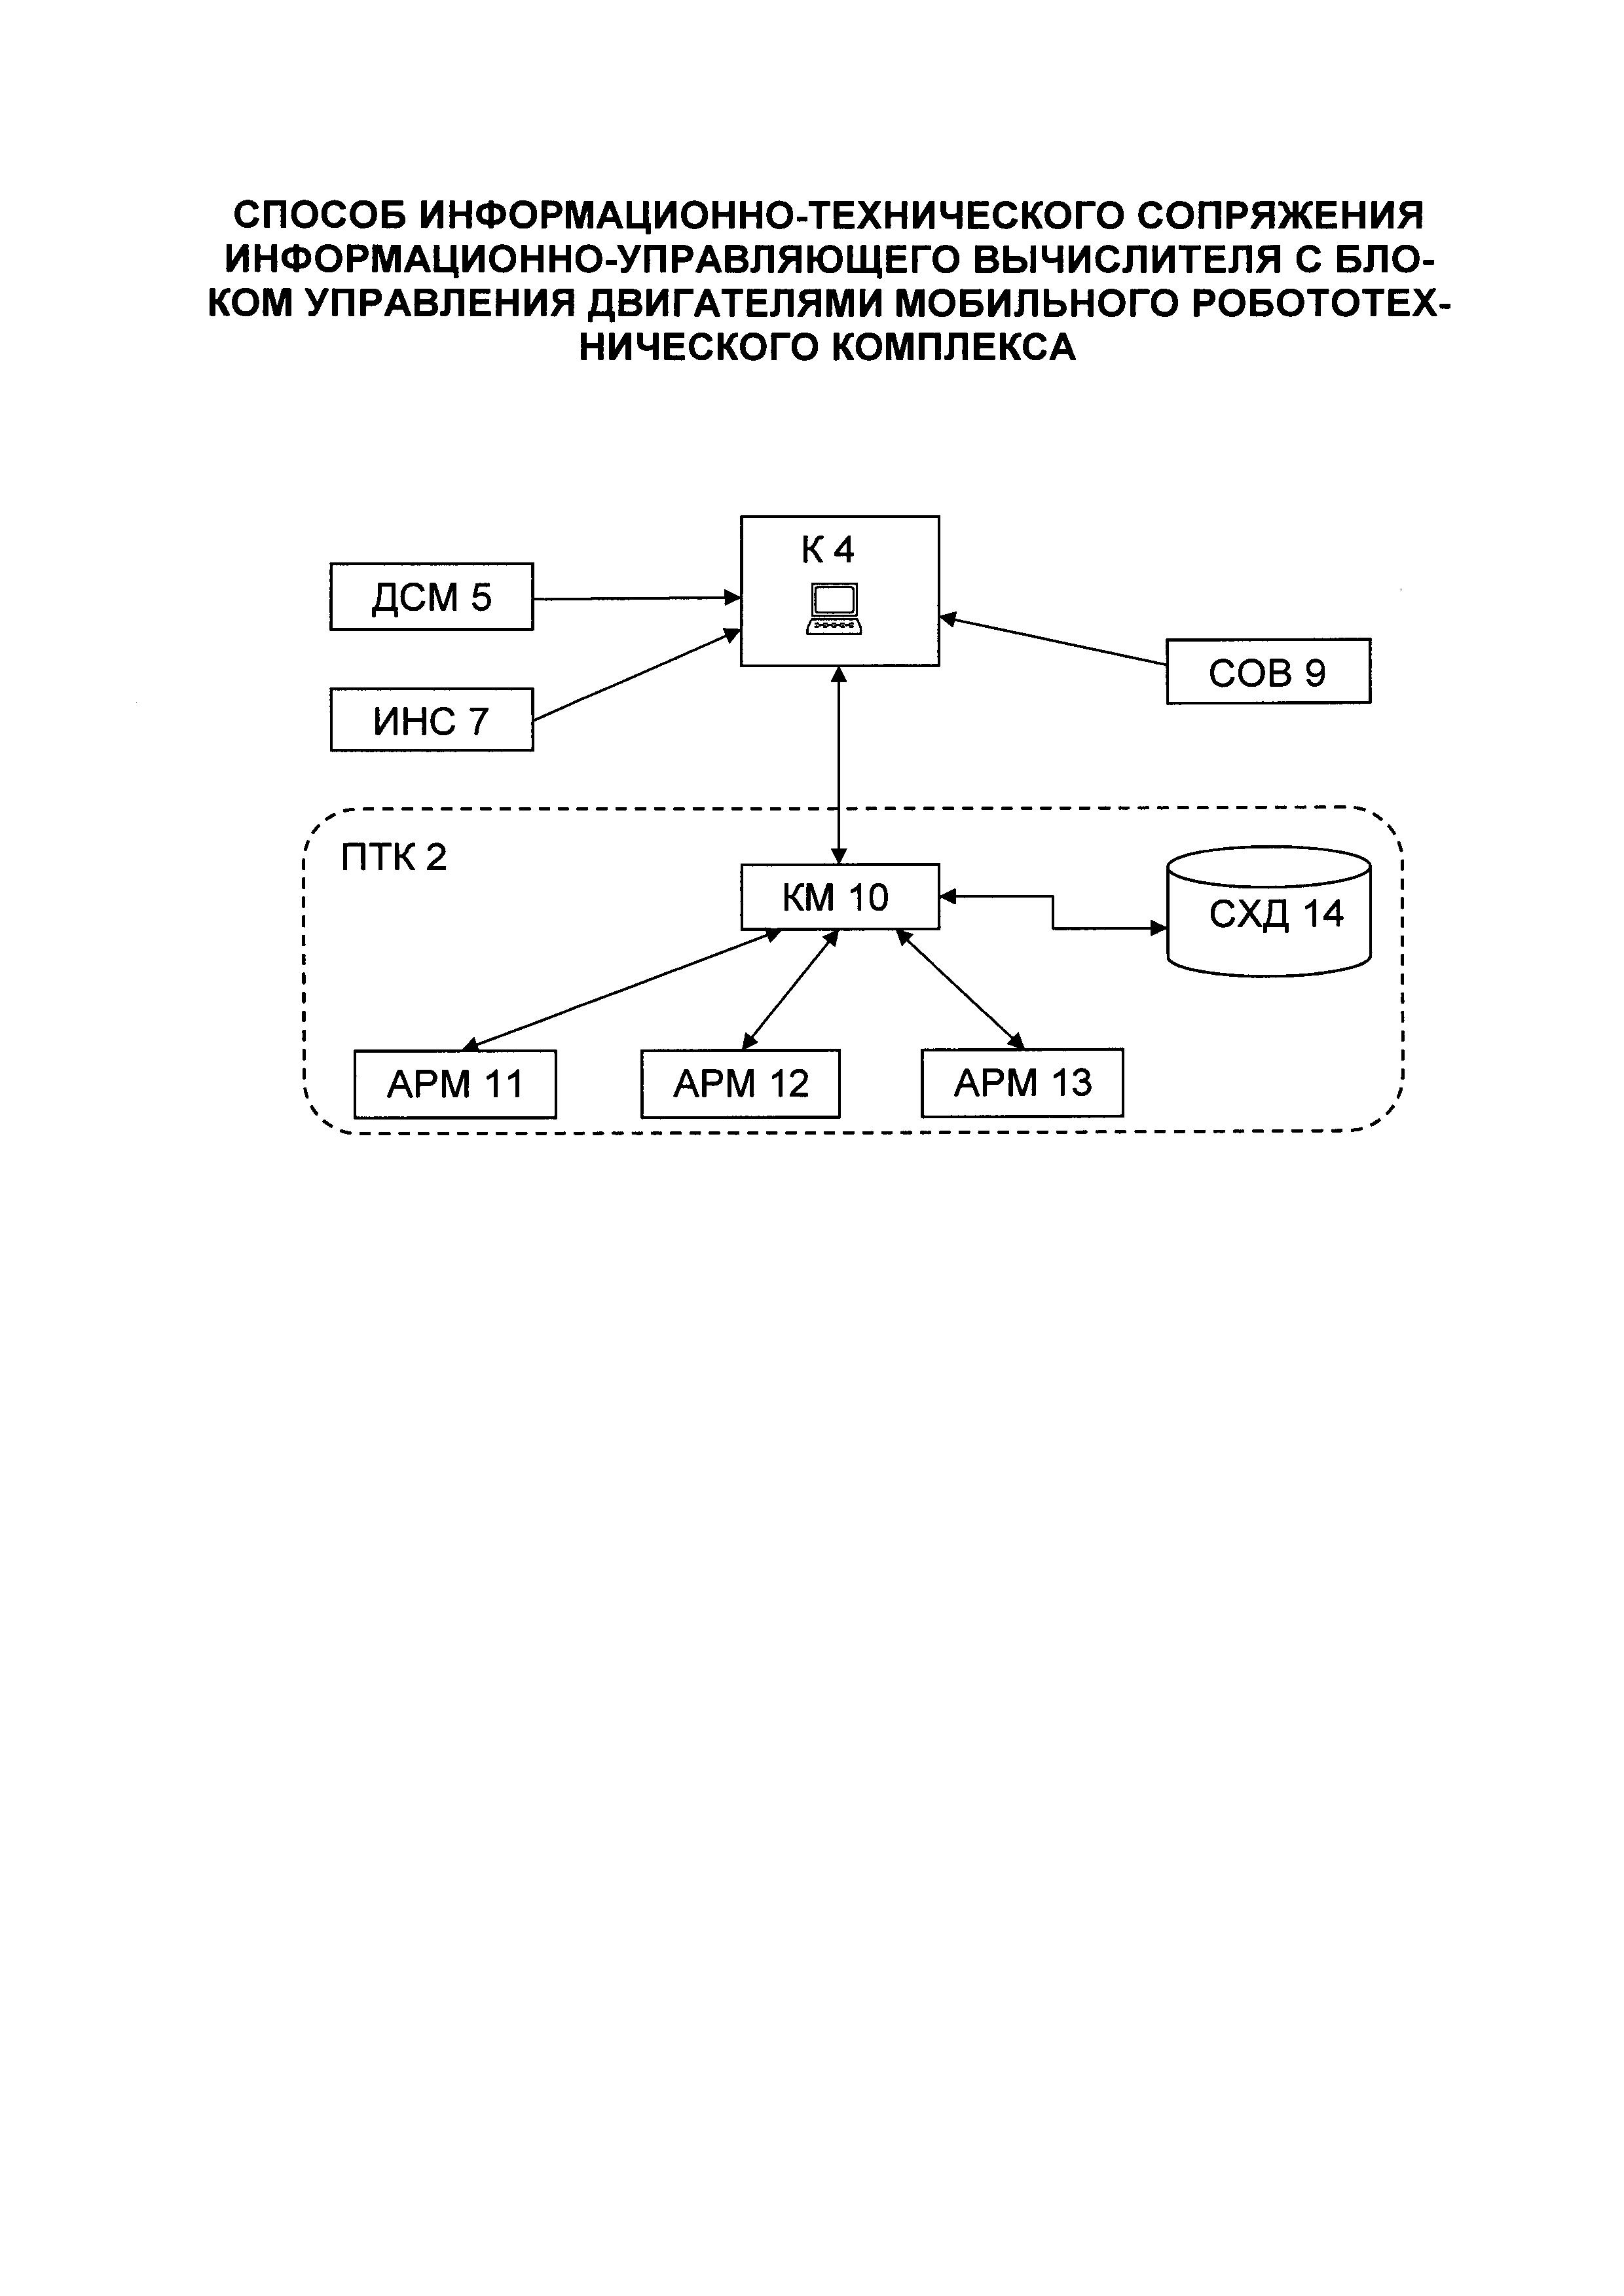 Способ информационно-технического сопряжения информационно-управляющего вычислителя с блоком управления двигателями мобильного робототехнического комплекса